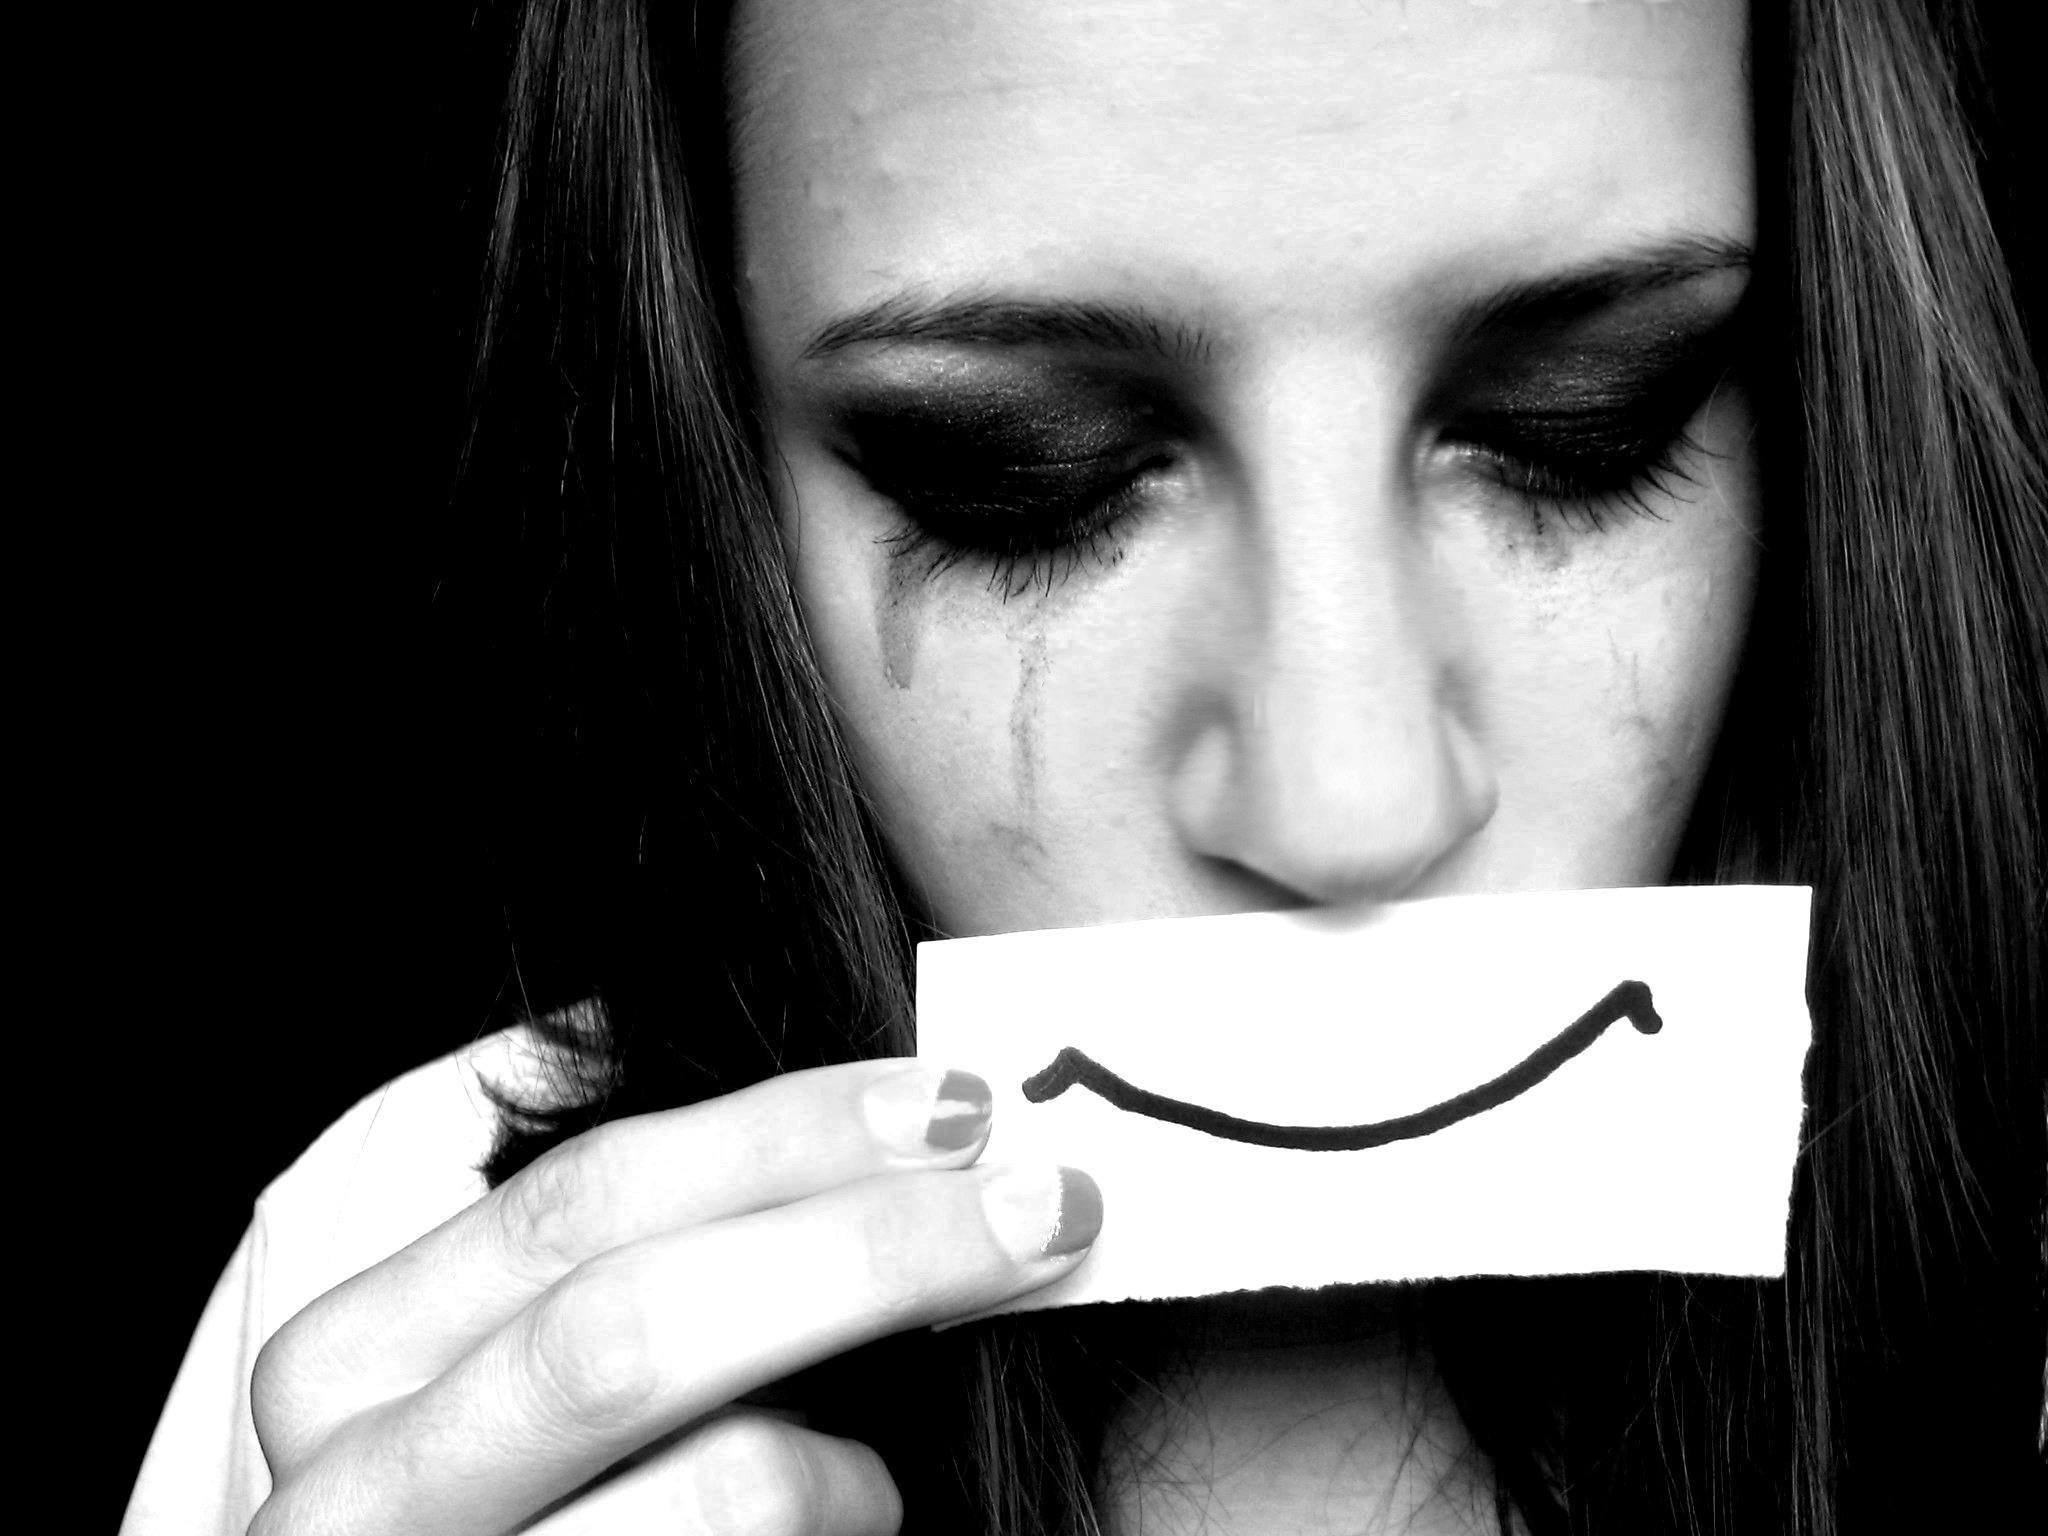 Грустная картинка на аву слезы